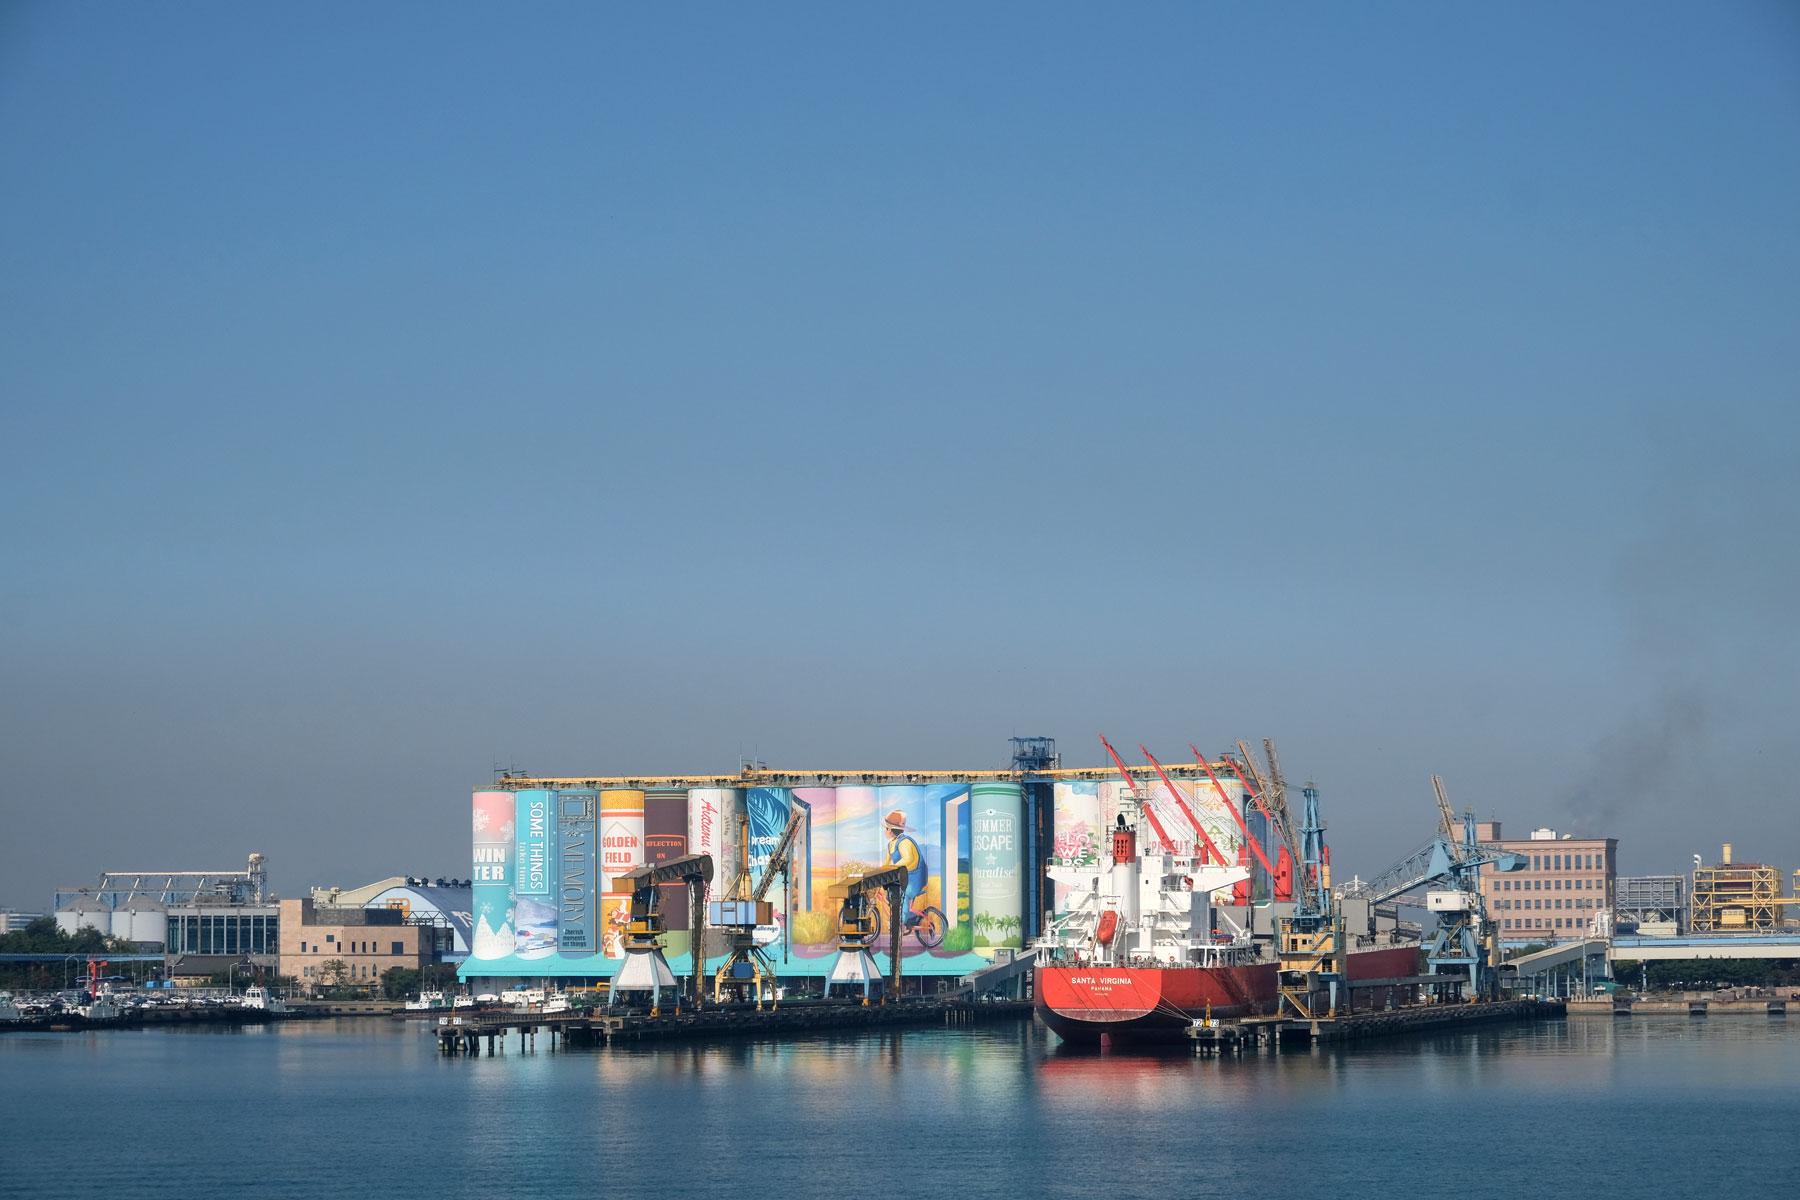 Über dem Hafen von Incheon hängt eine gelbe Smogschicht in der Luft.